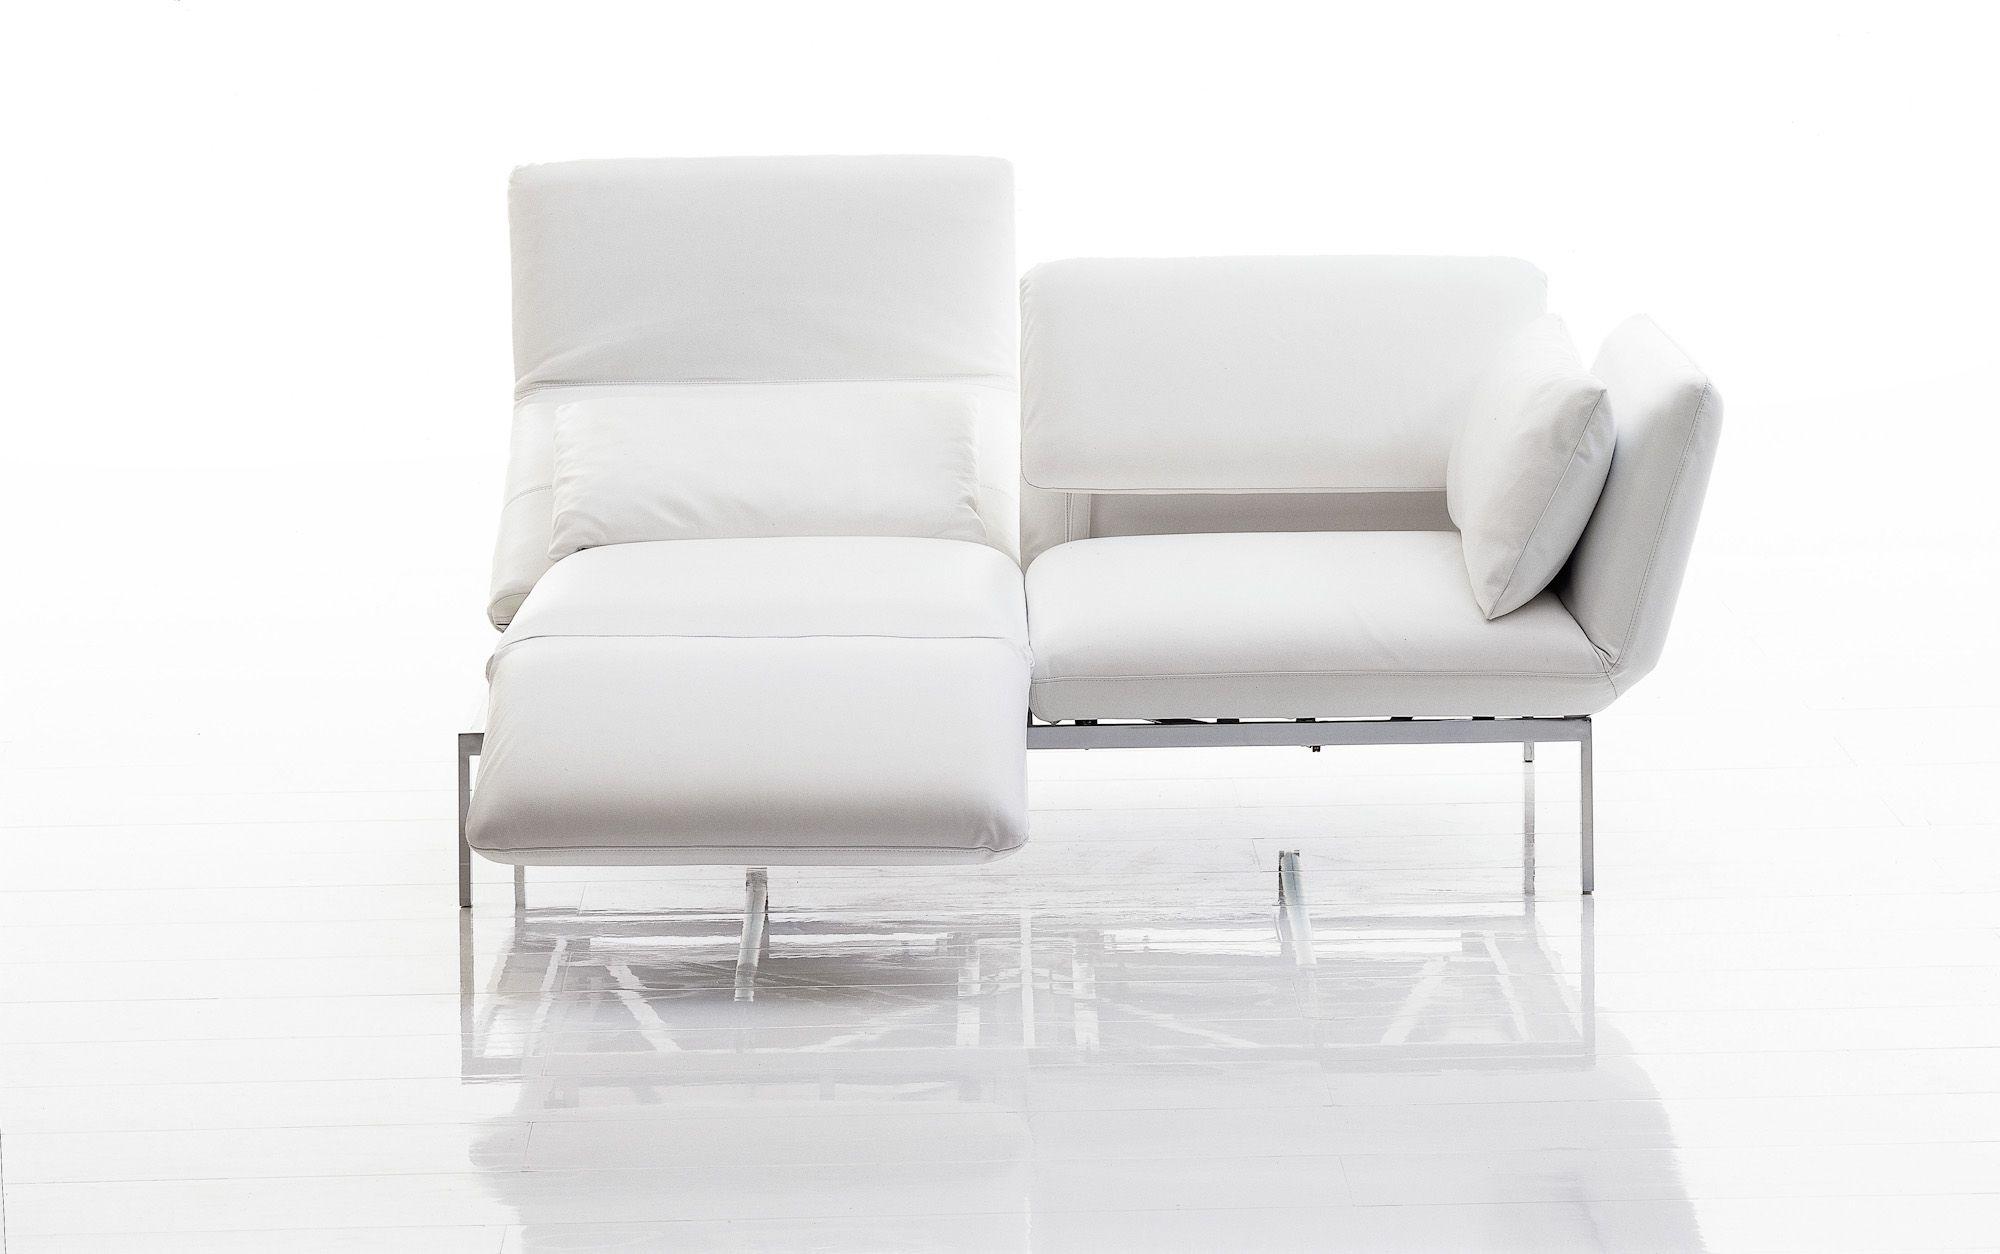 Polstermöbel Färben sofa leder weiß klappbare armlehne schwenkbare fußauflage